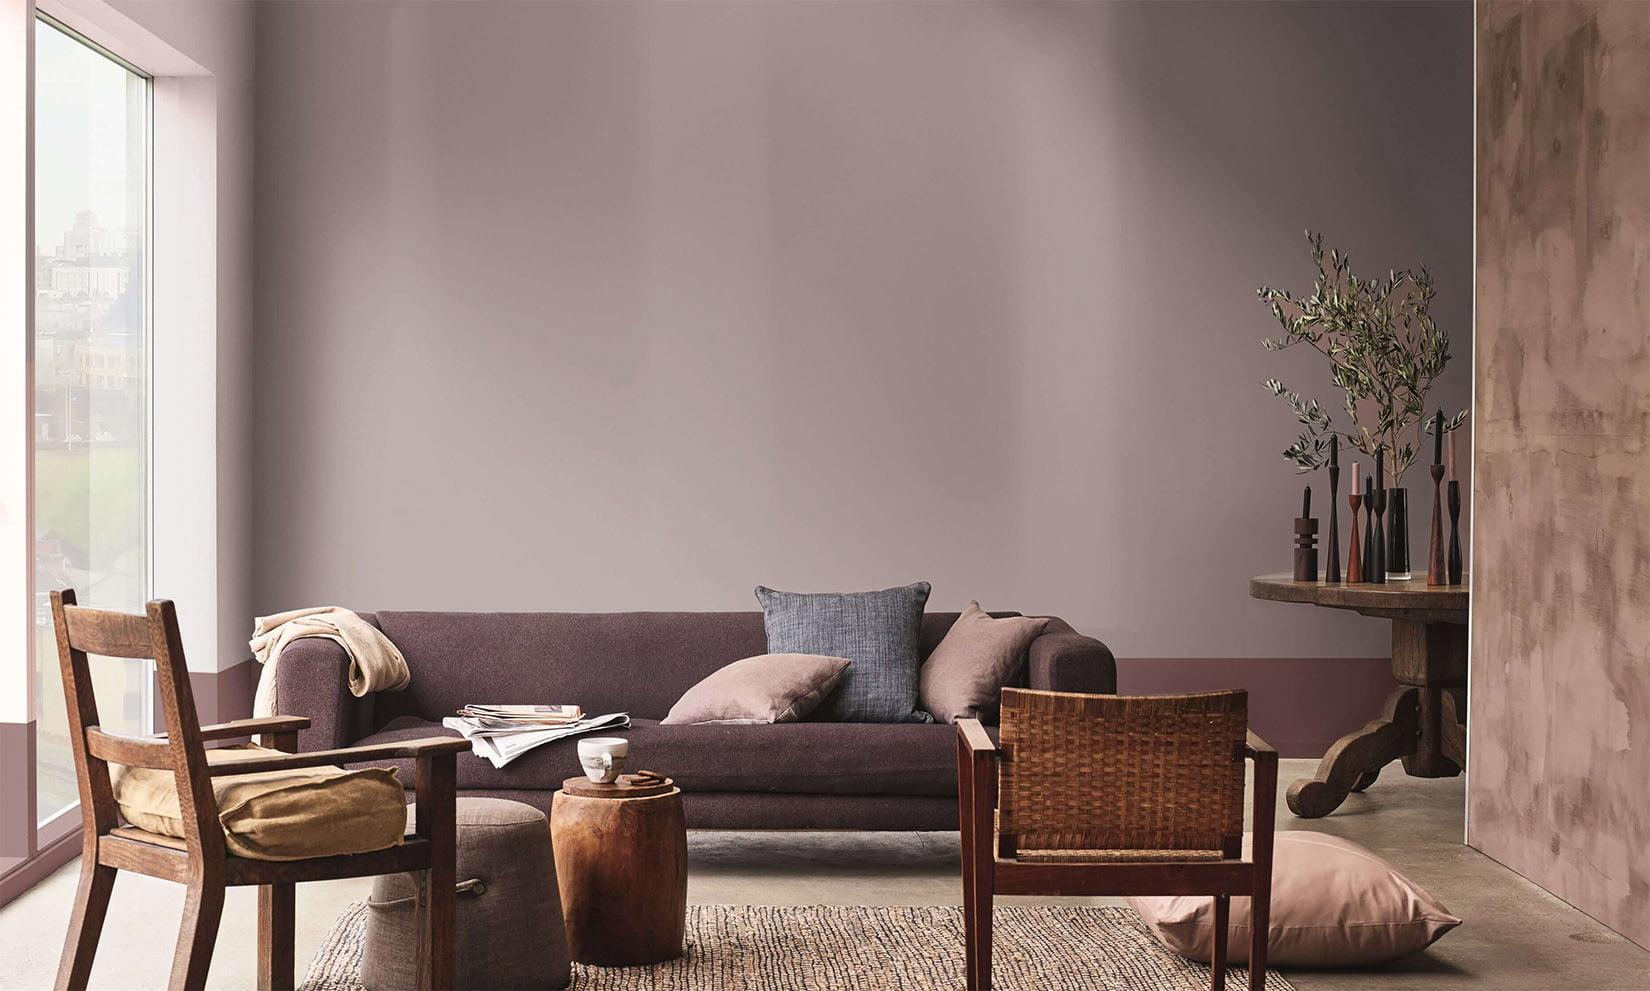 Duvar ve dekorasyonda vizon rengiyle birleşen 10 renk